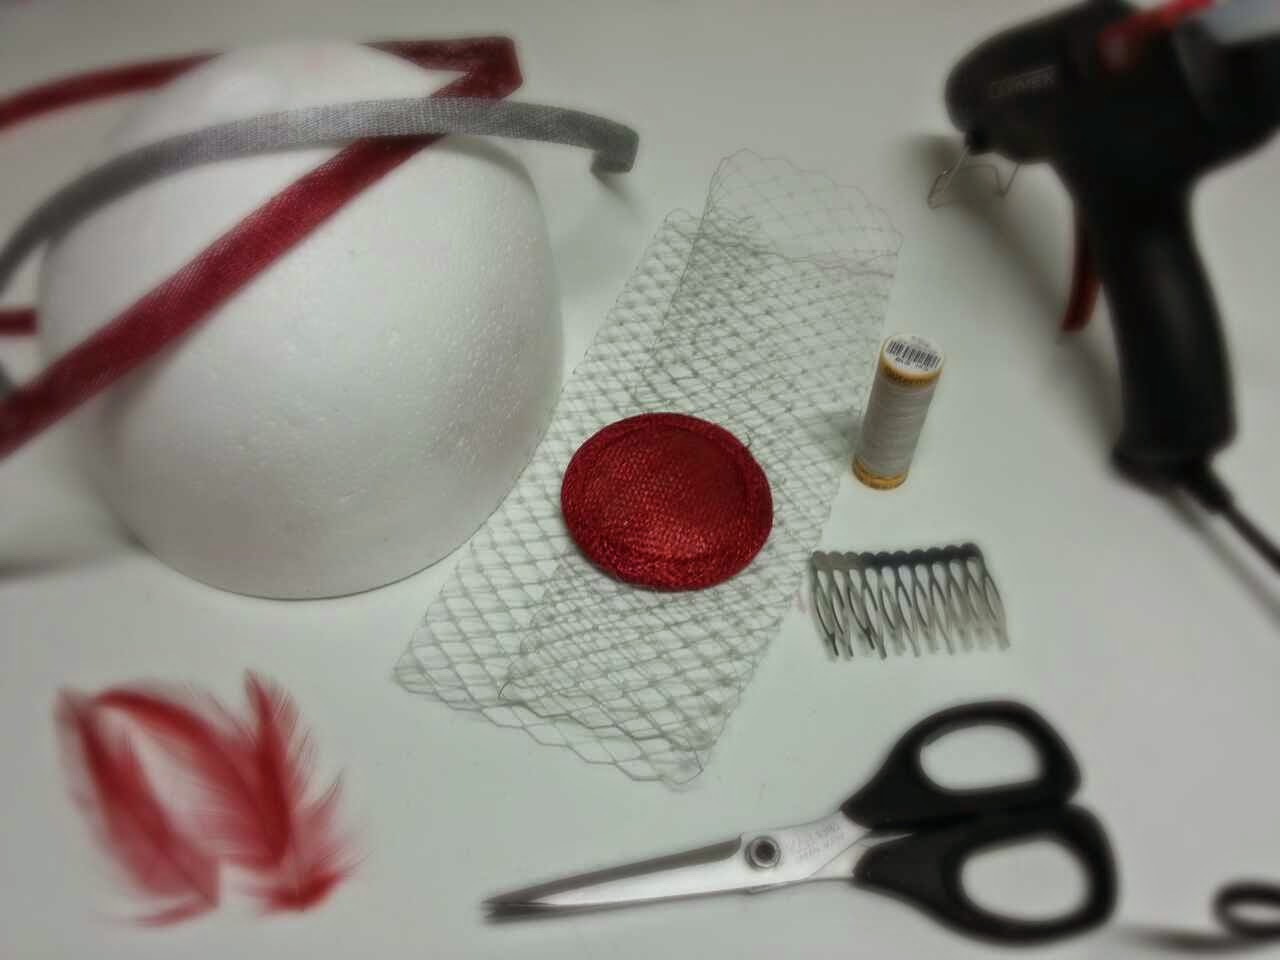 tocado sencillo realizado con sinamay, velo, y plumas en rojo y plata paso a paso